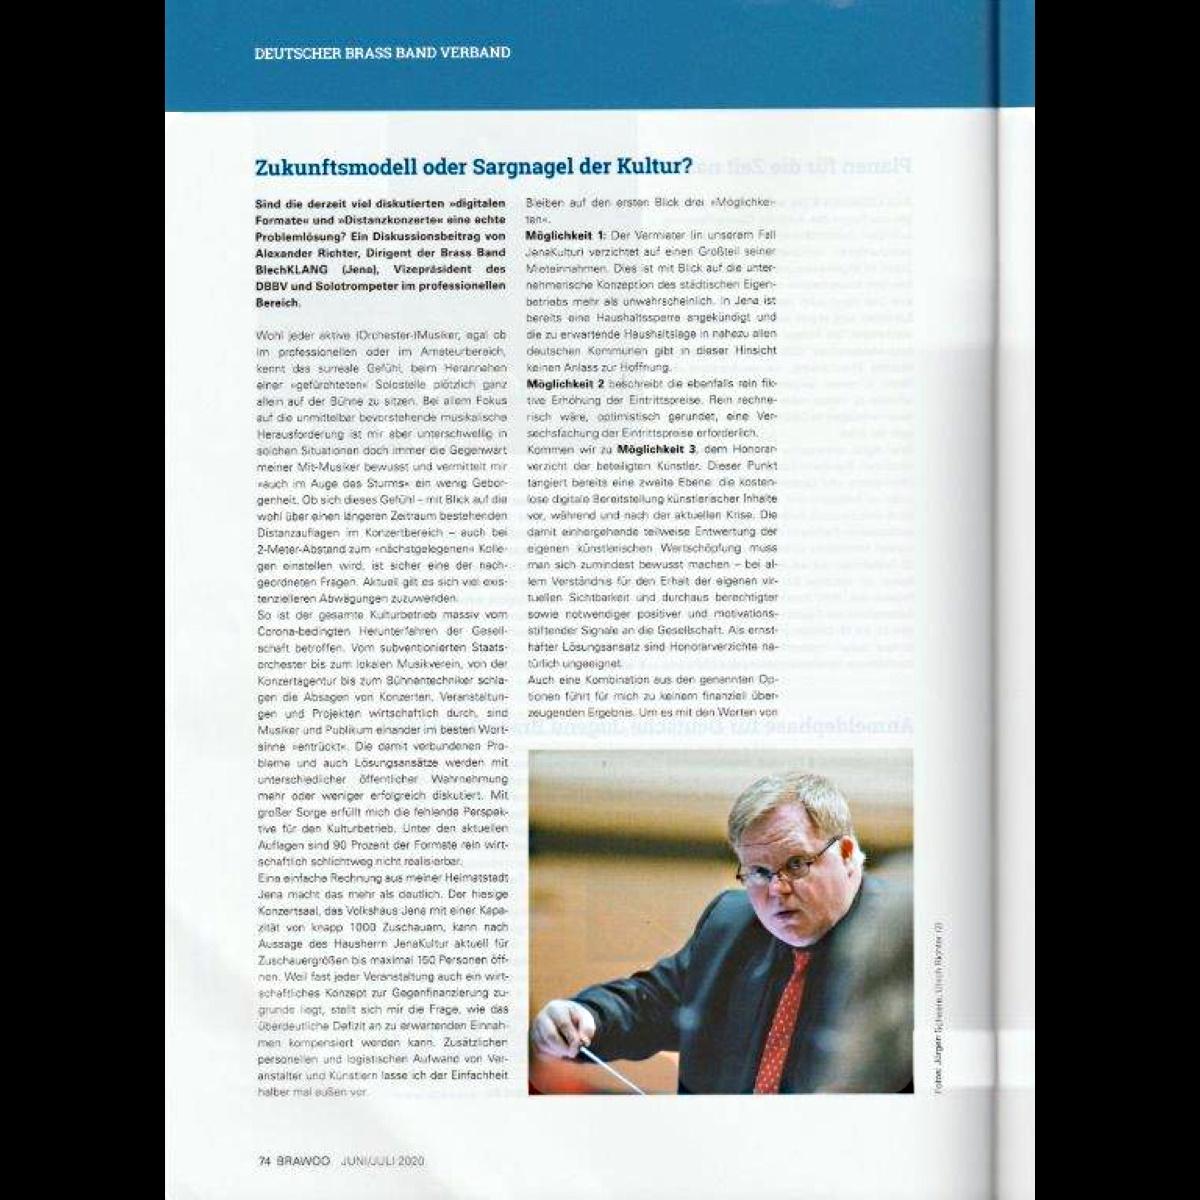 Interview zur Corona-Krise mit Alexander Richter aus der BRAWOO (1)